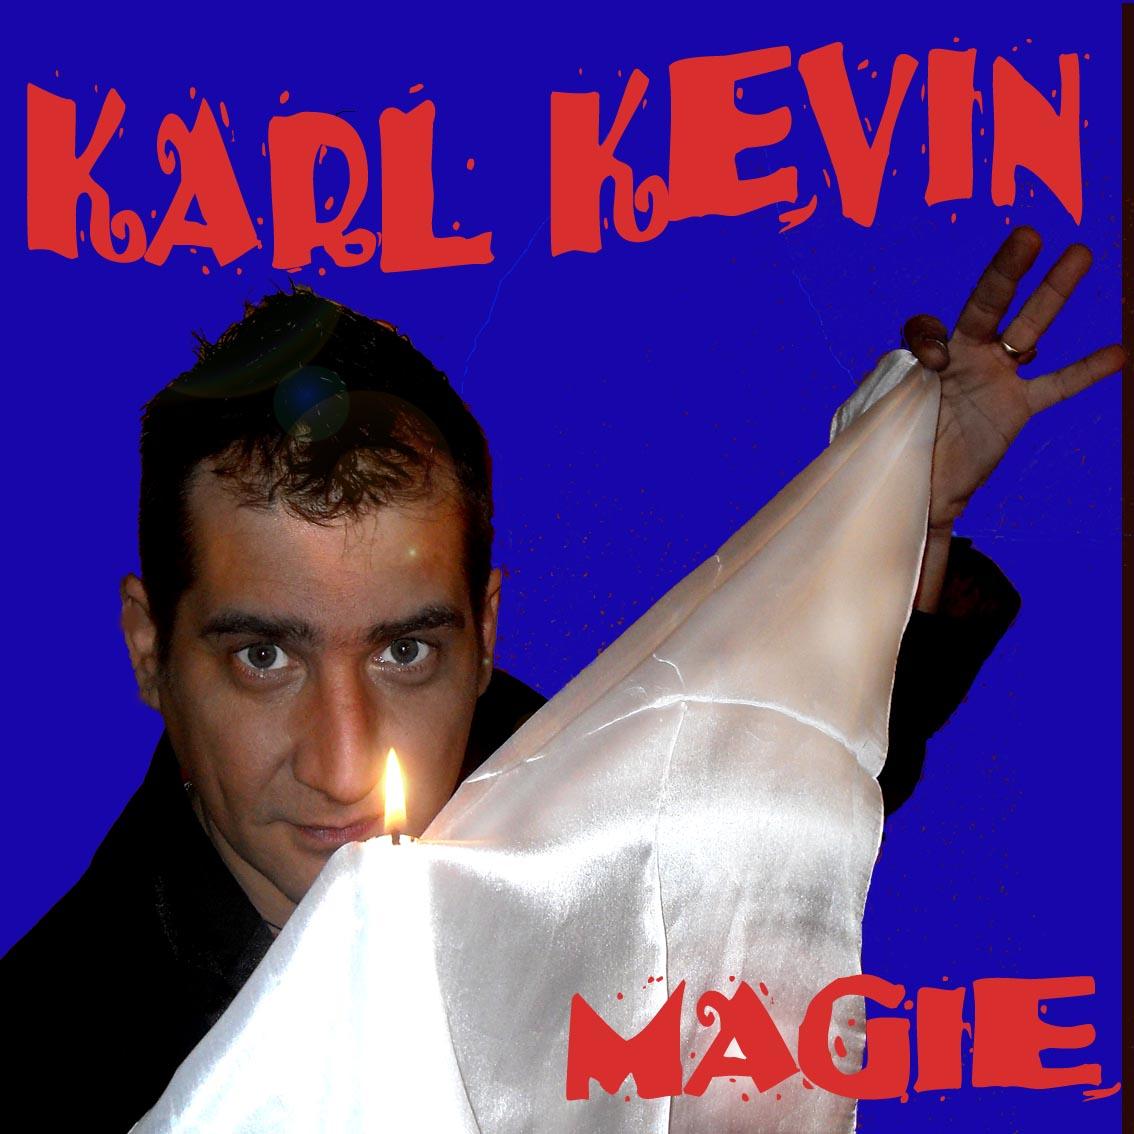 magicien-sculpteur-sur-ballons-